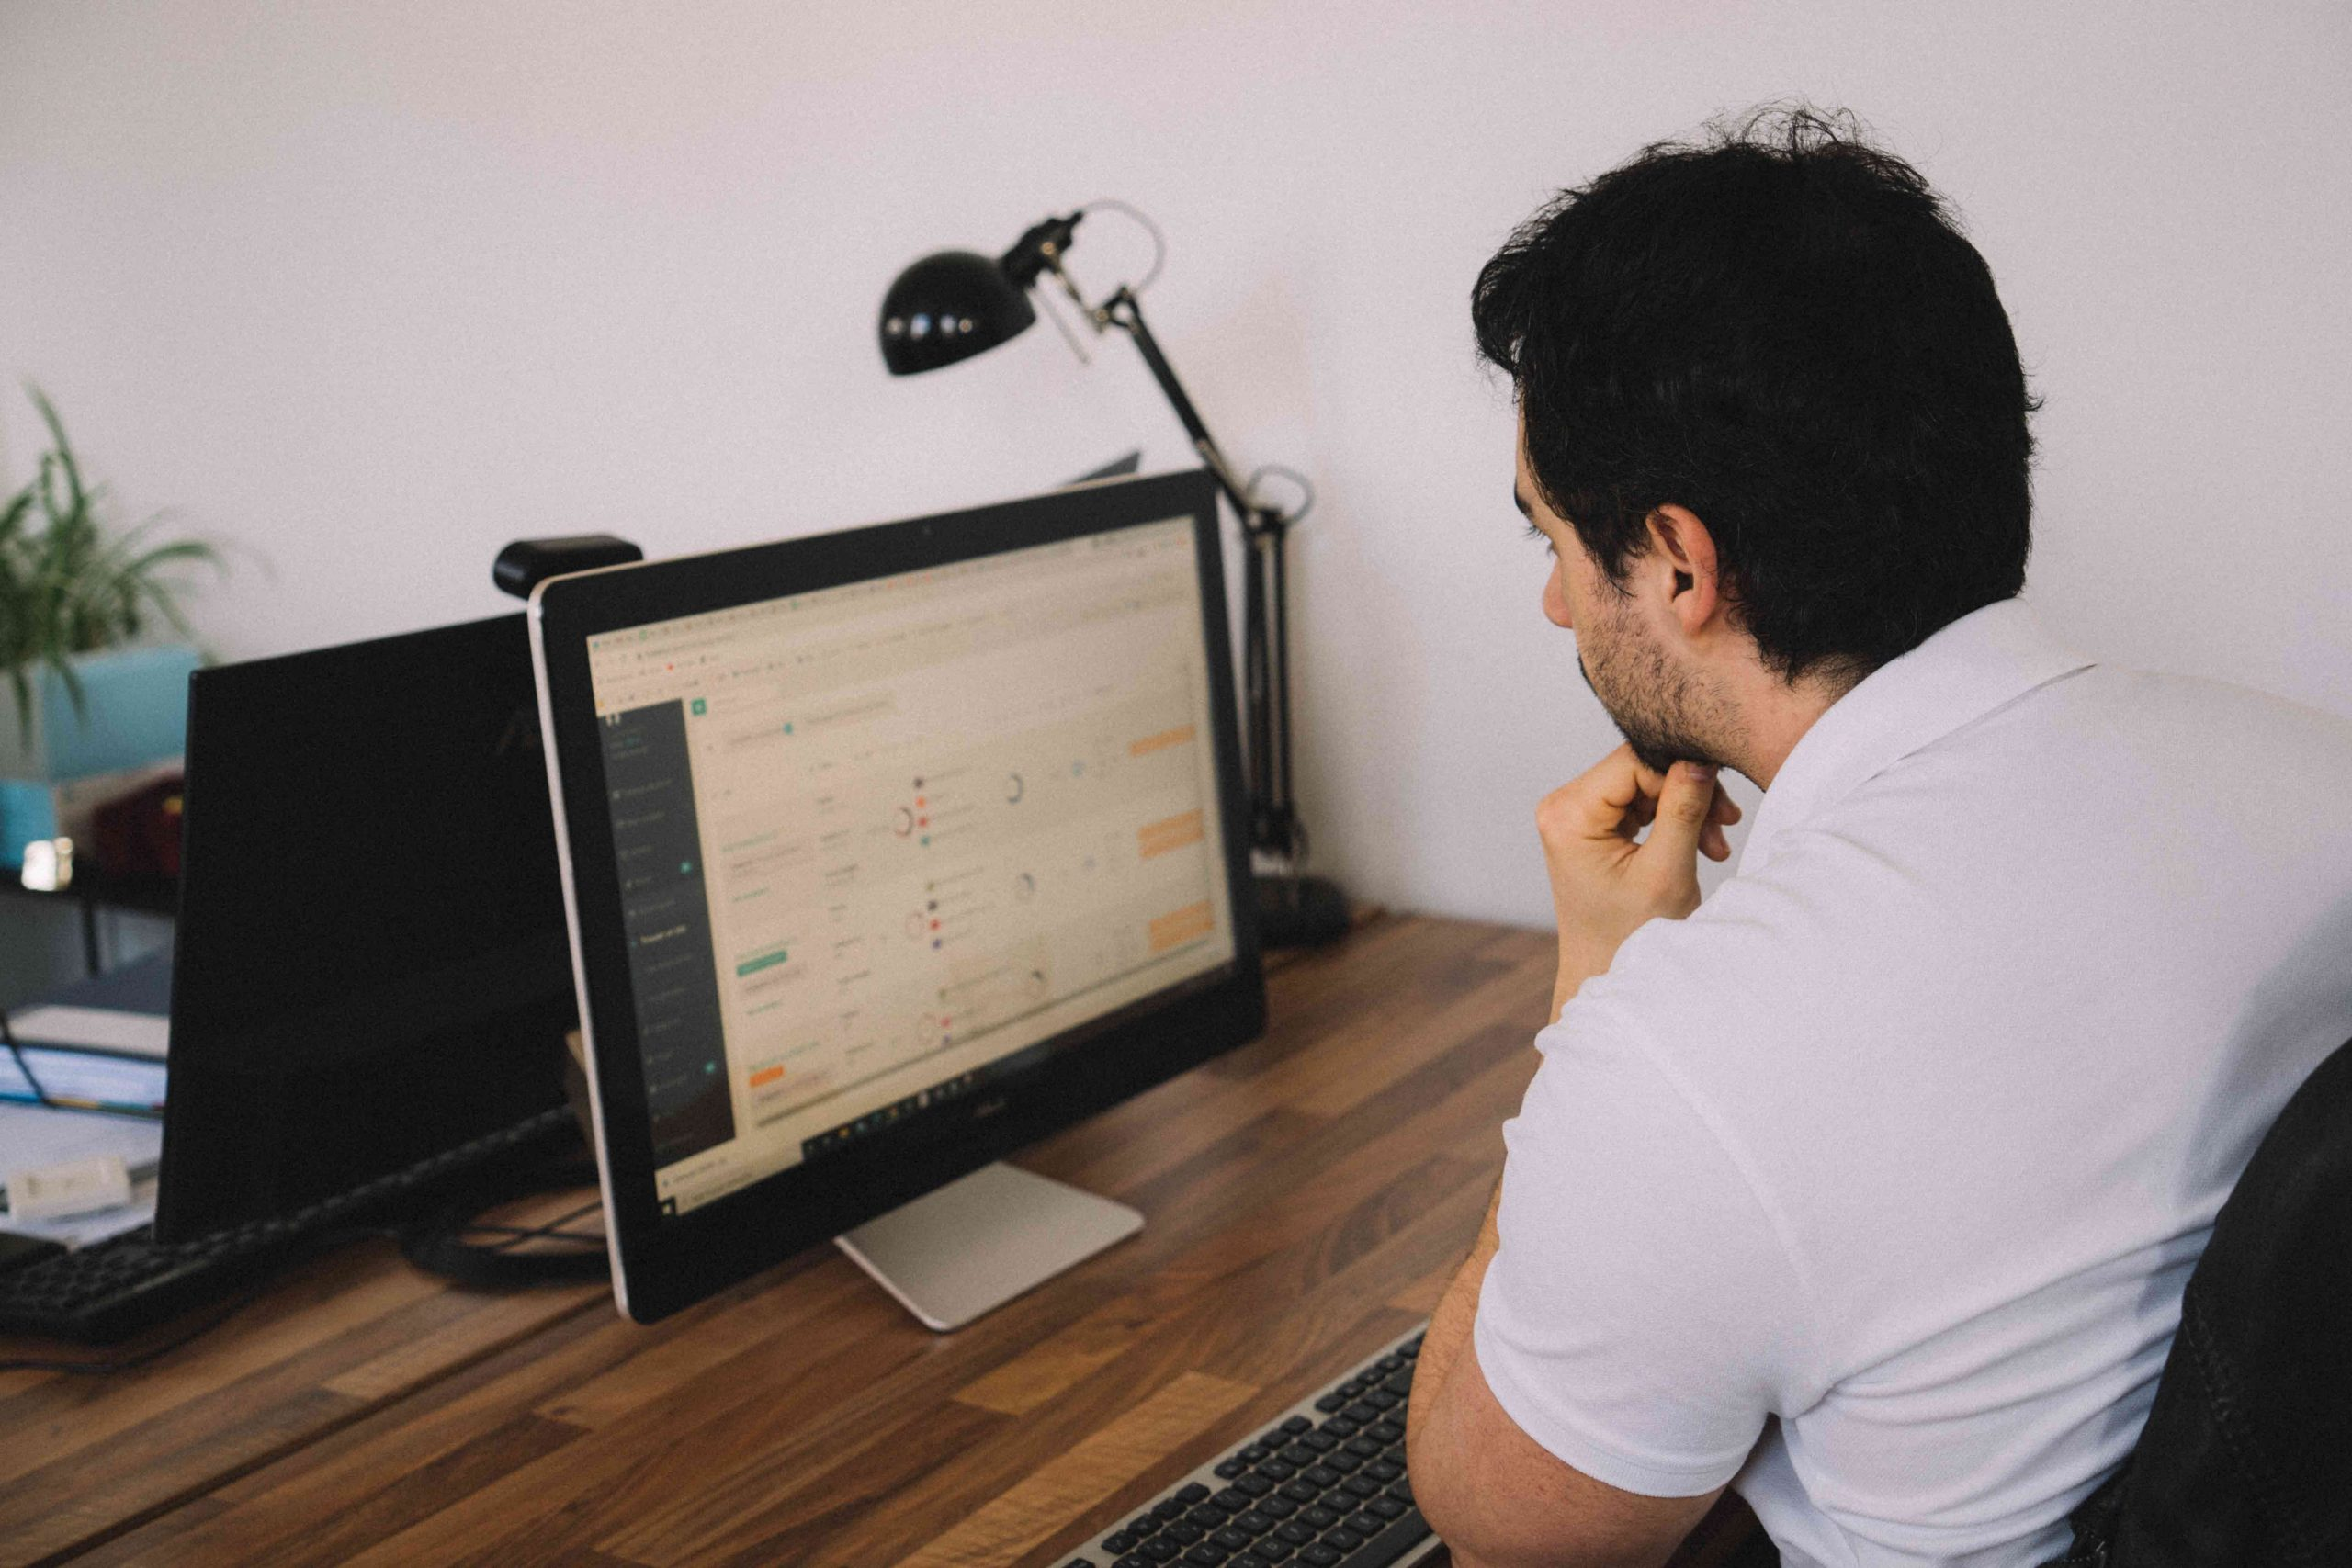 Samuel en train de travailler le référencement d'un site e-commerce.